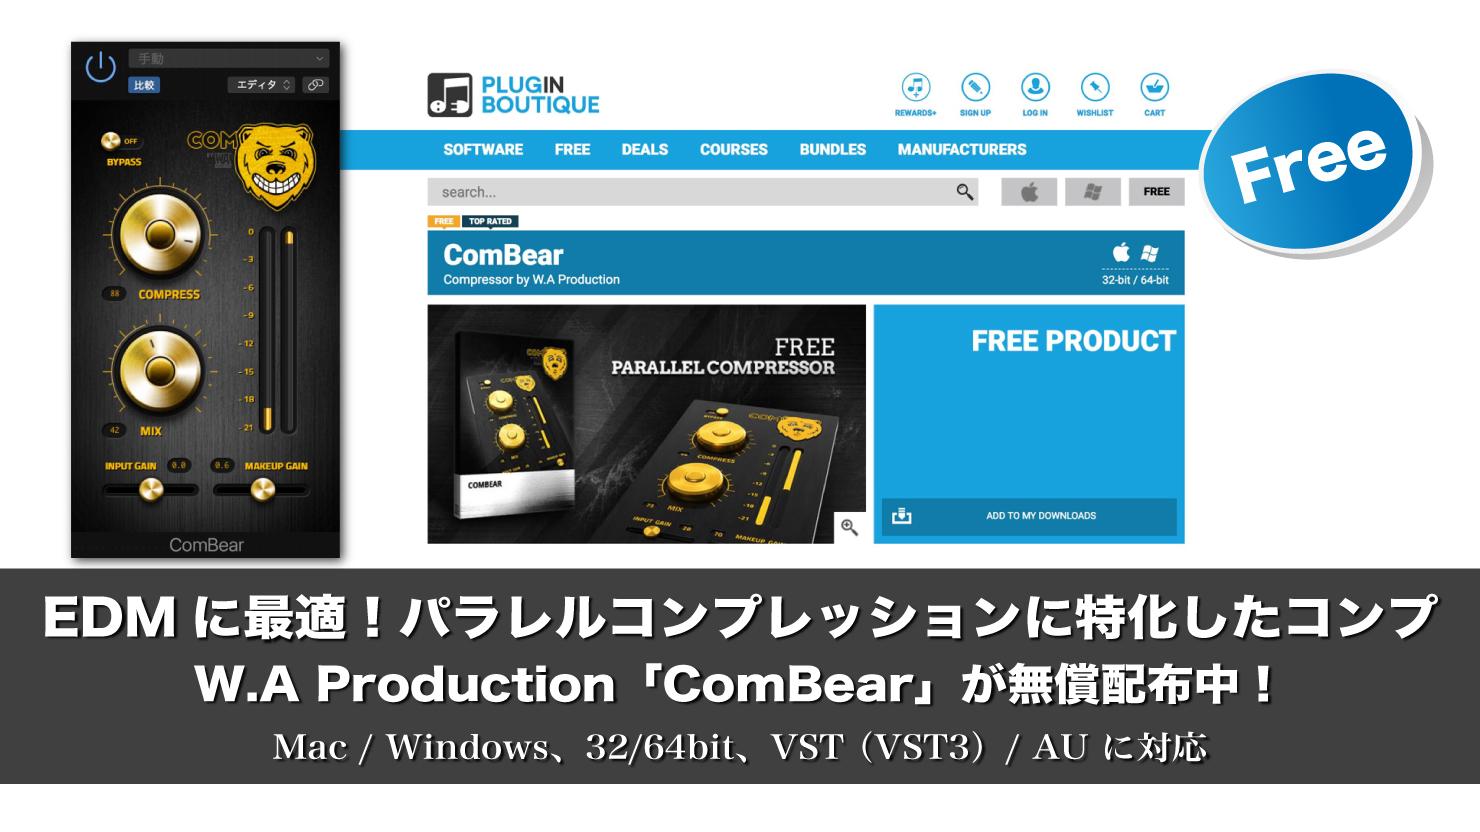 【無料】EDMに最適!パラレルコンプレッションに特化したコンプ W.A Production「ComBear」が無償配布中!